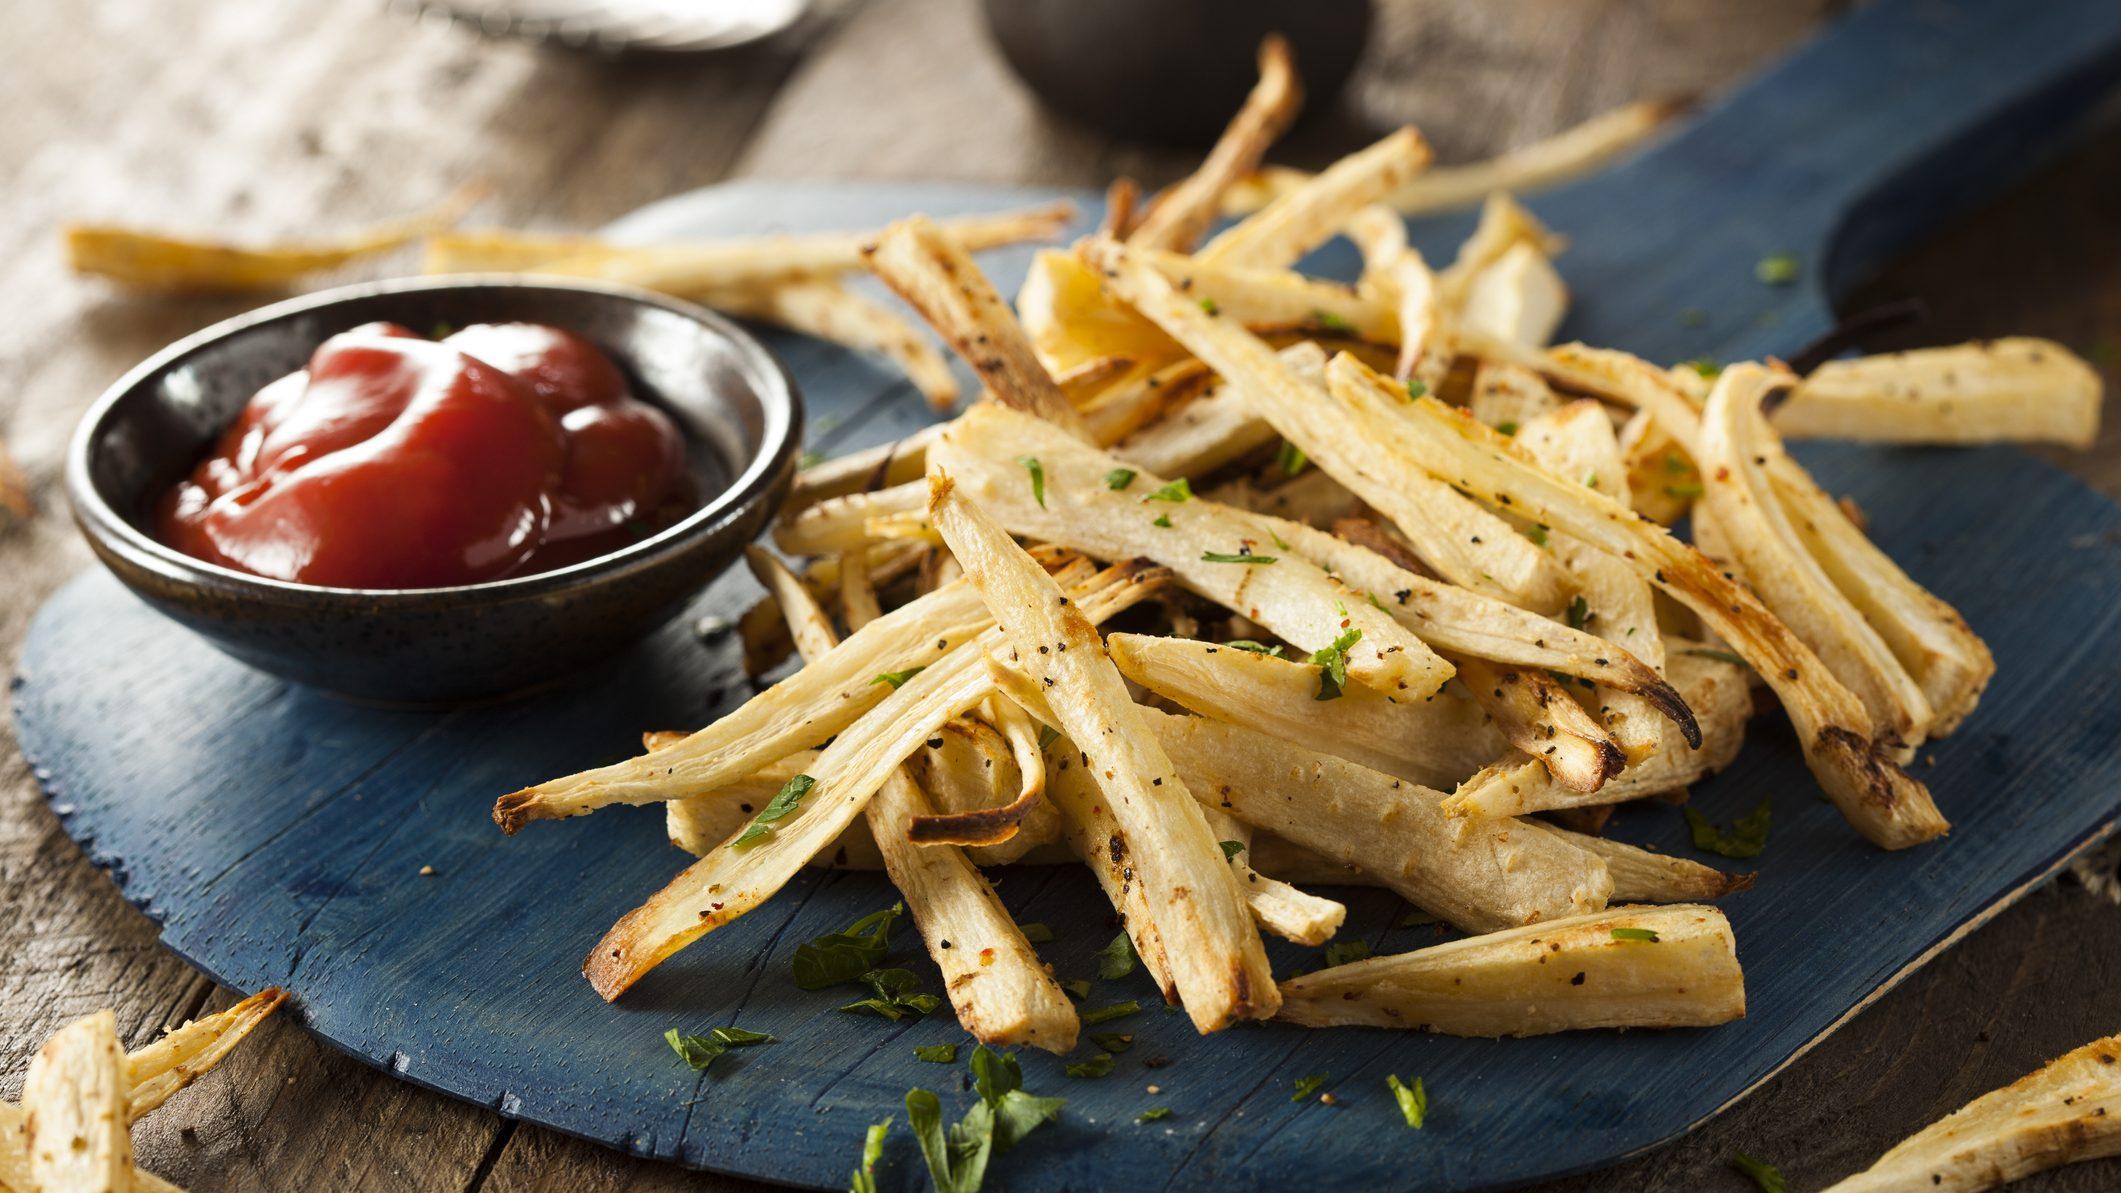 auf einem dunklen Holzbrett liegen Pommes aus Petersilienwurzeln. Danebenn stehte eine kleine Schale mit Ketchup